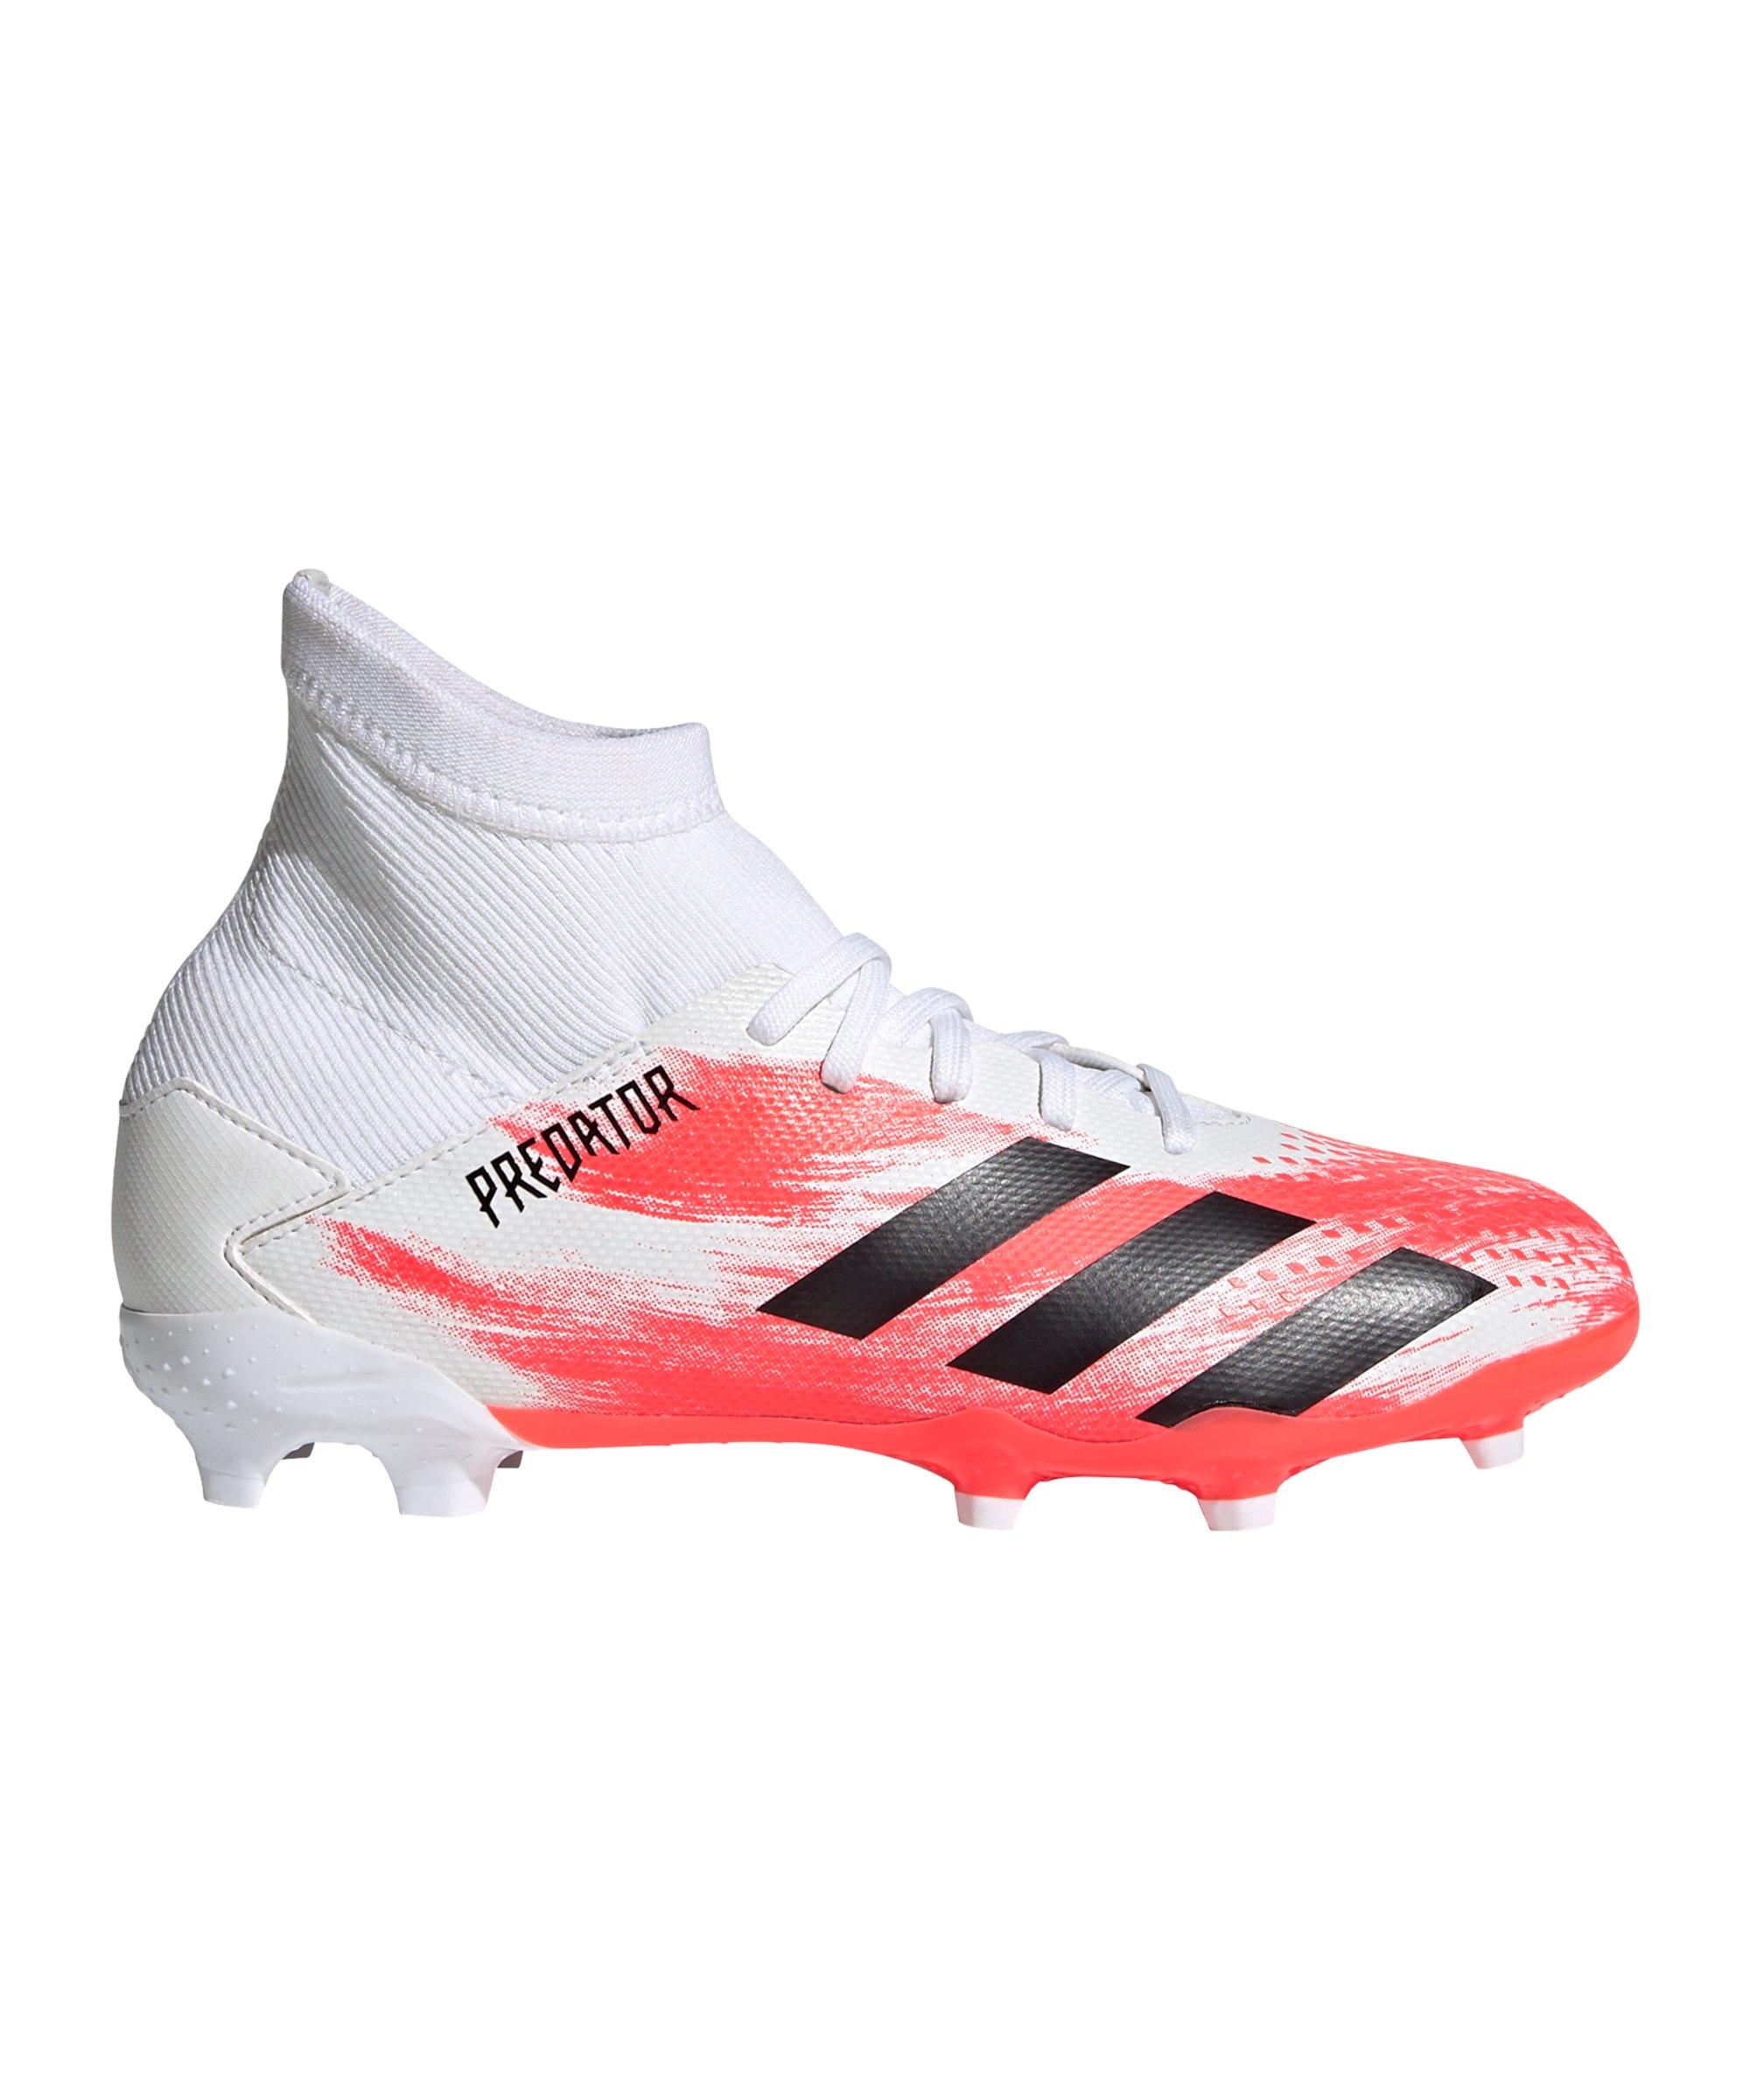 adidas Predator Uniforia 20.3 FG J Kids Weiss Rot - weiss